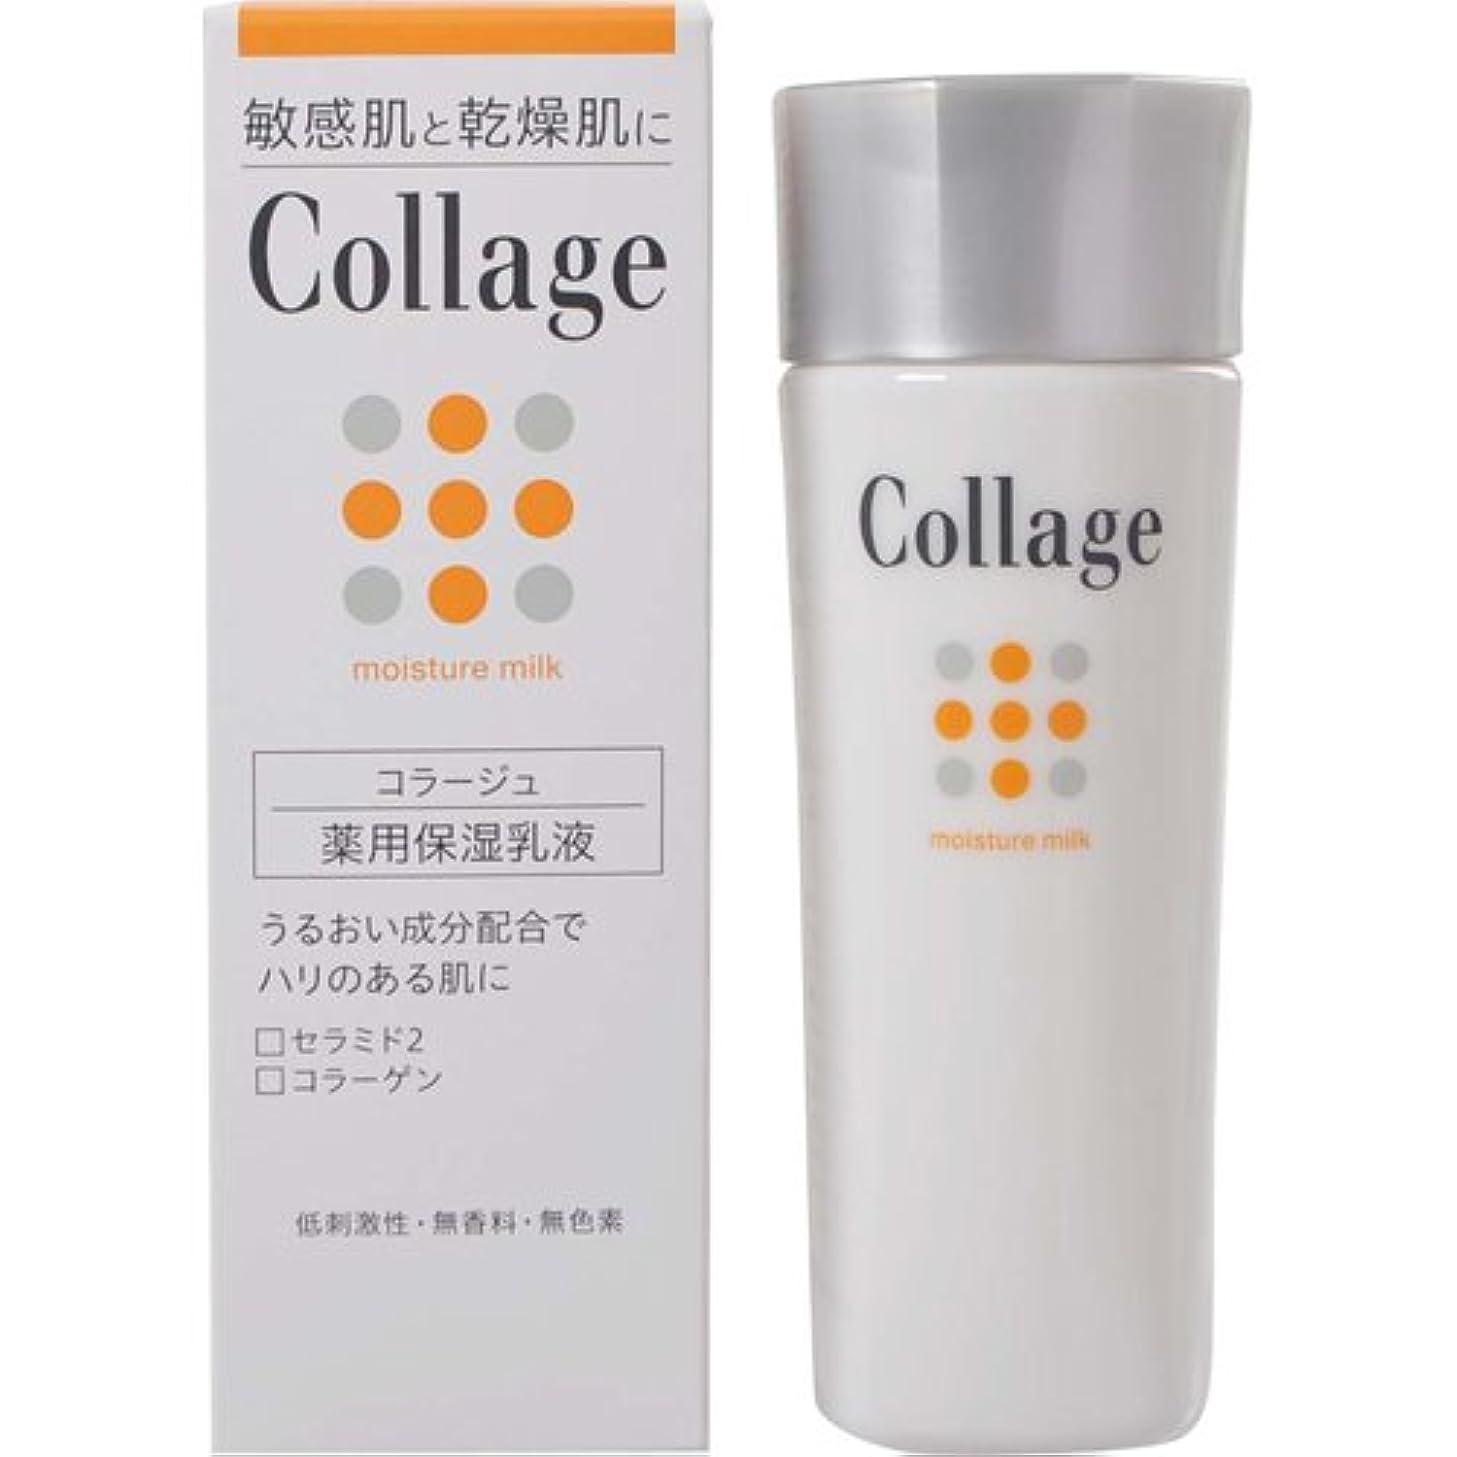 曲線ゼリー適切なコラージュ 薬用保湿乳液 80mL 【医薬部外品】